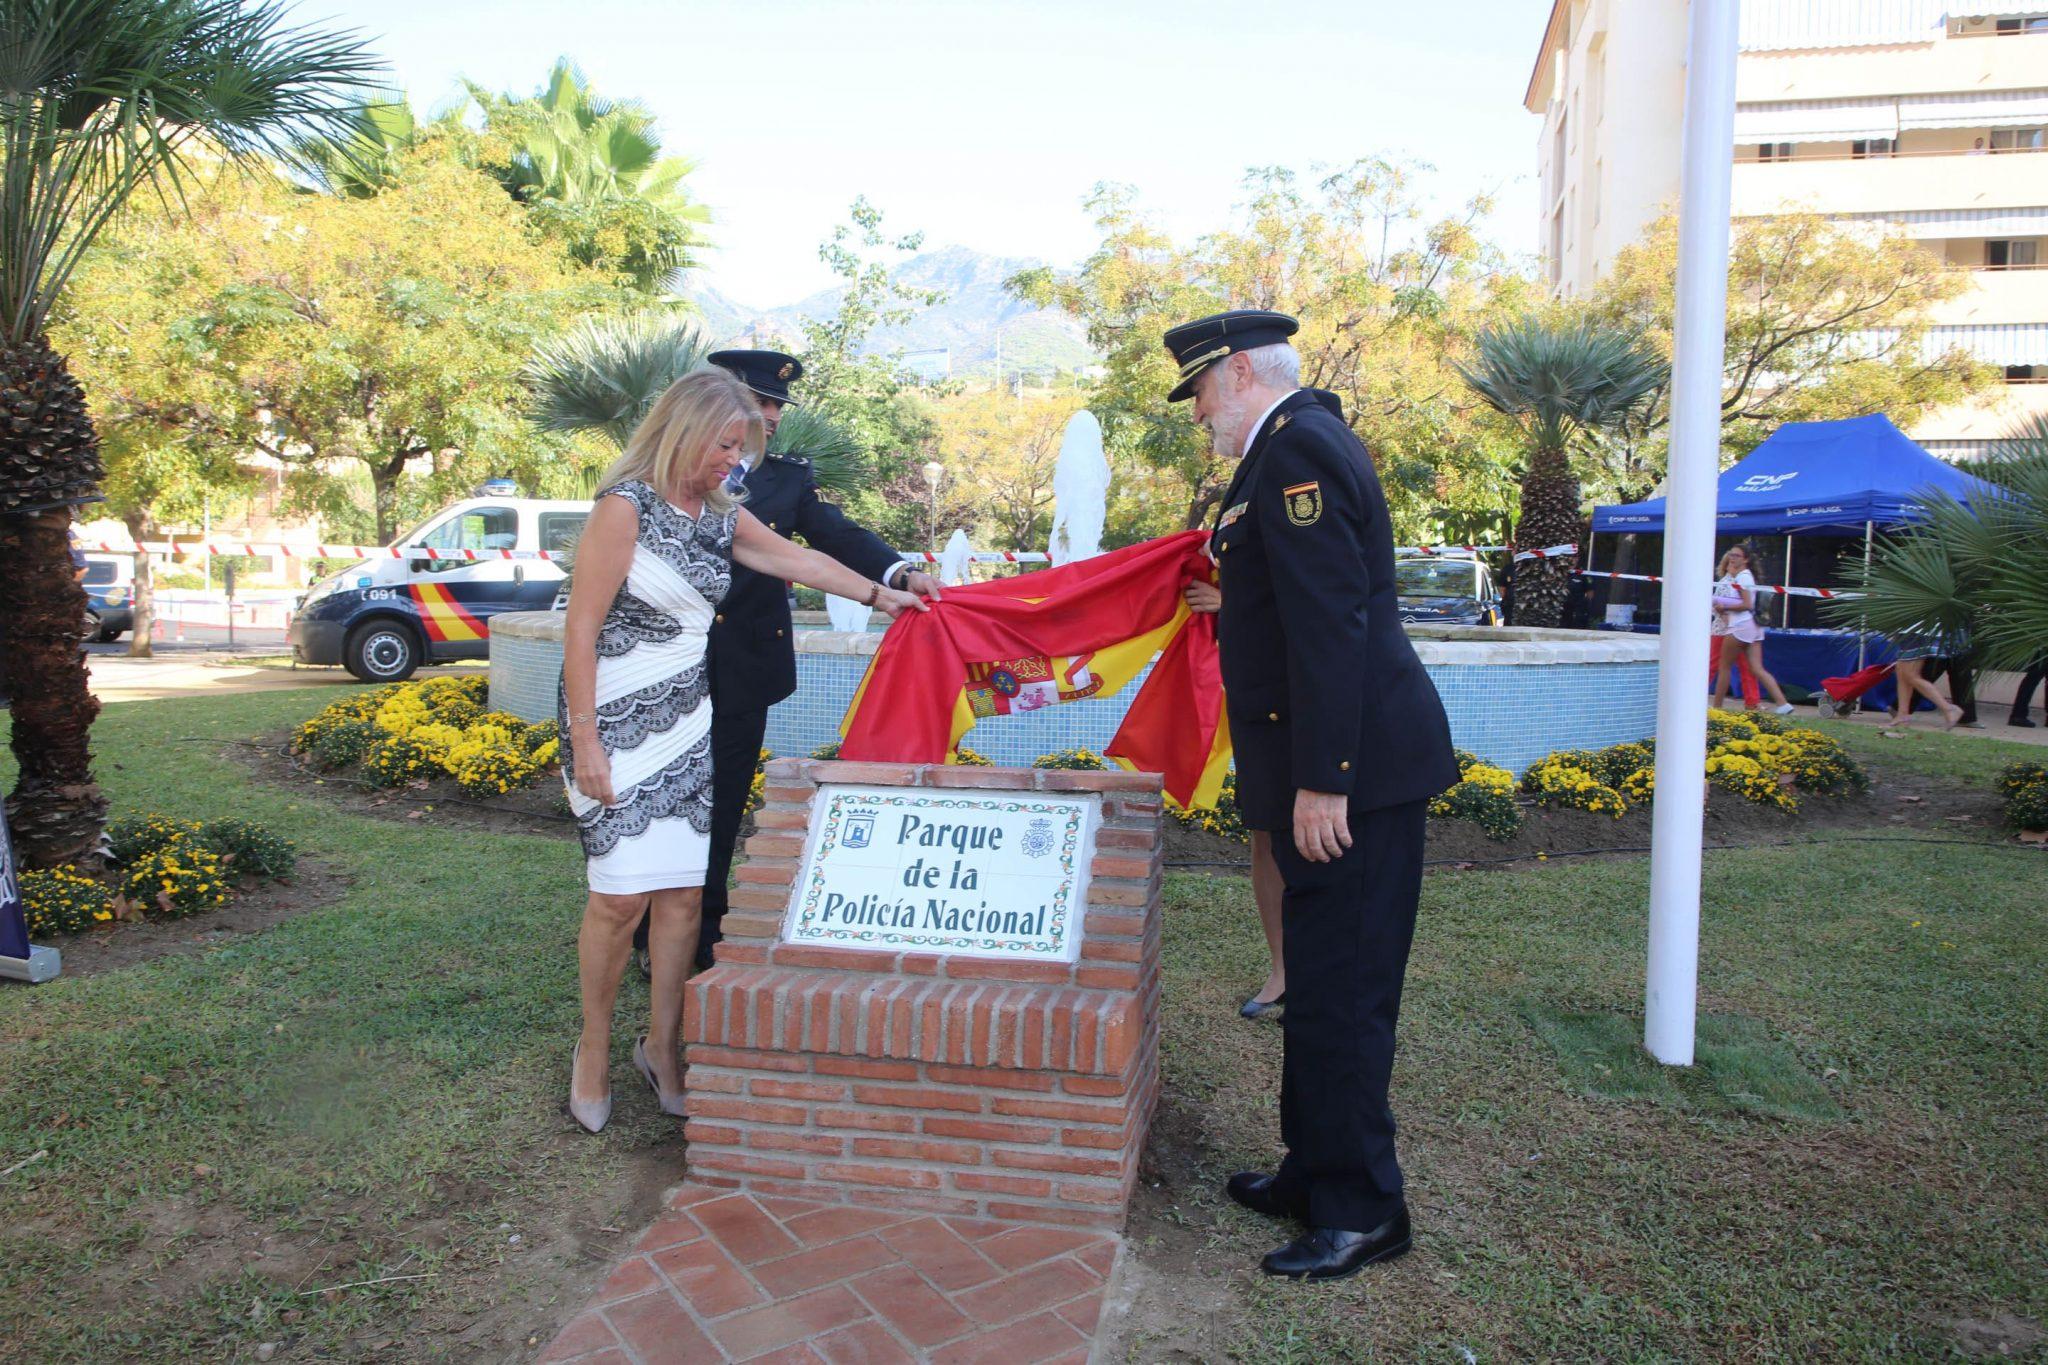 La Policía Nacional cuenta ya con un parque con su nombre